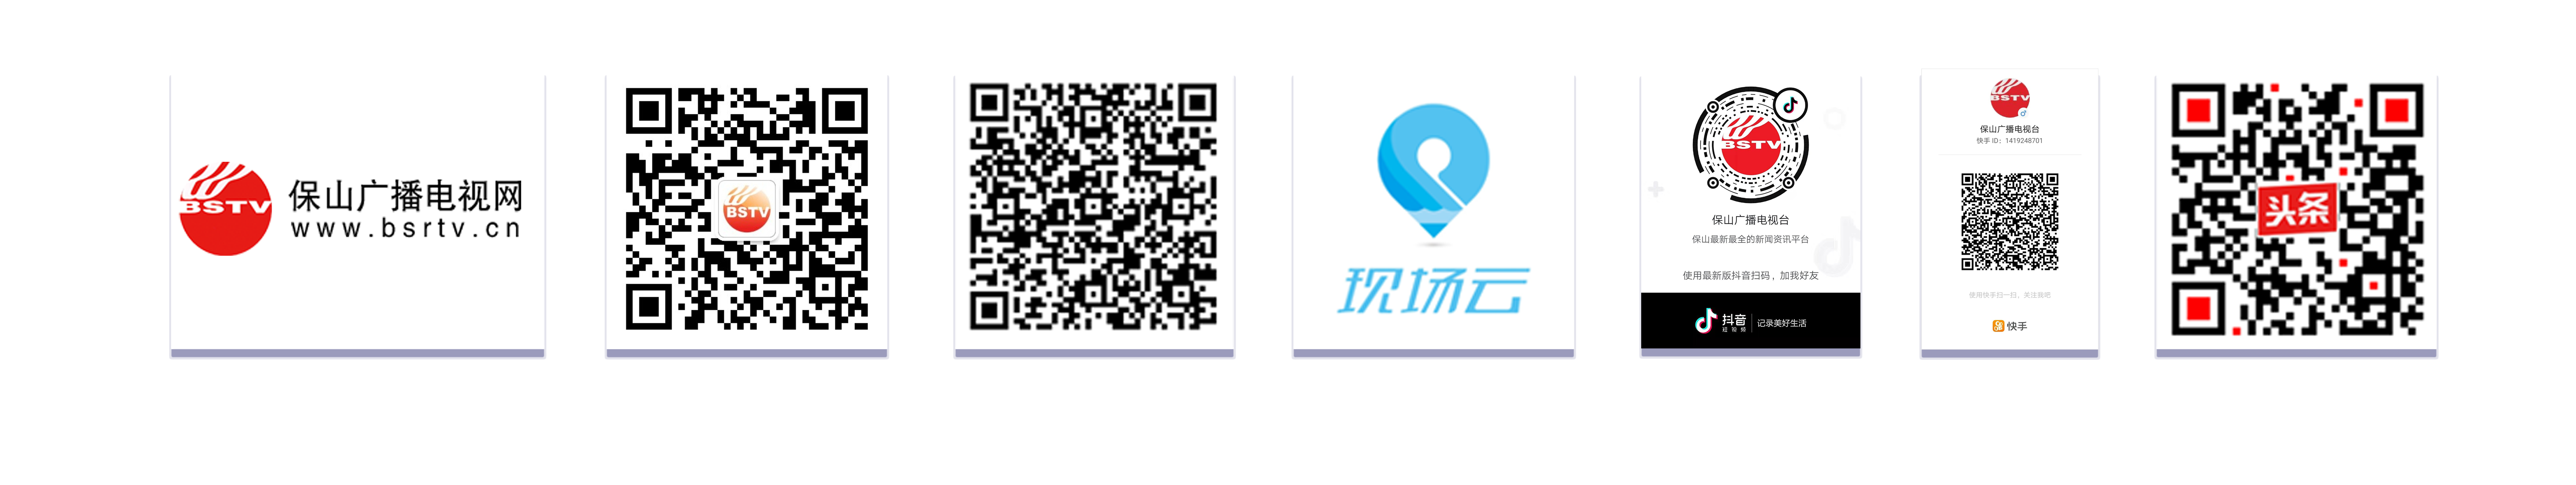 微信图片_20201023152622